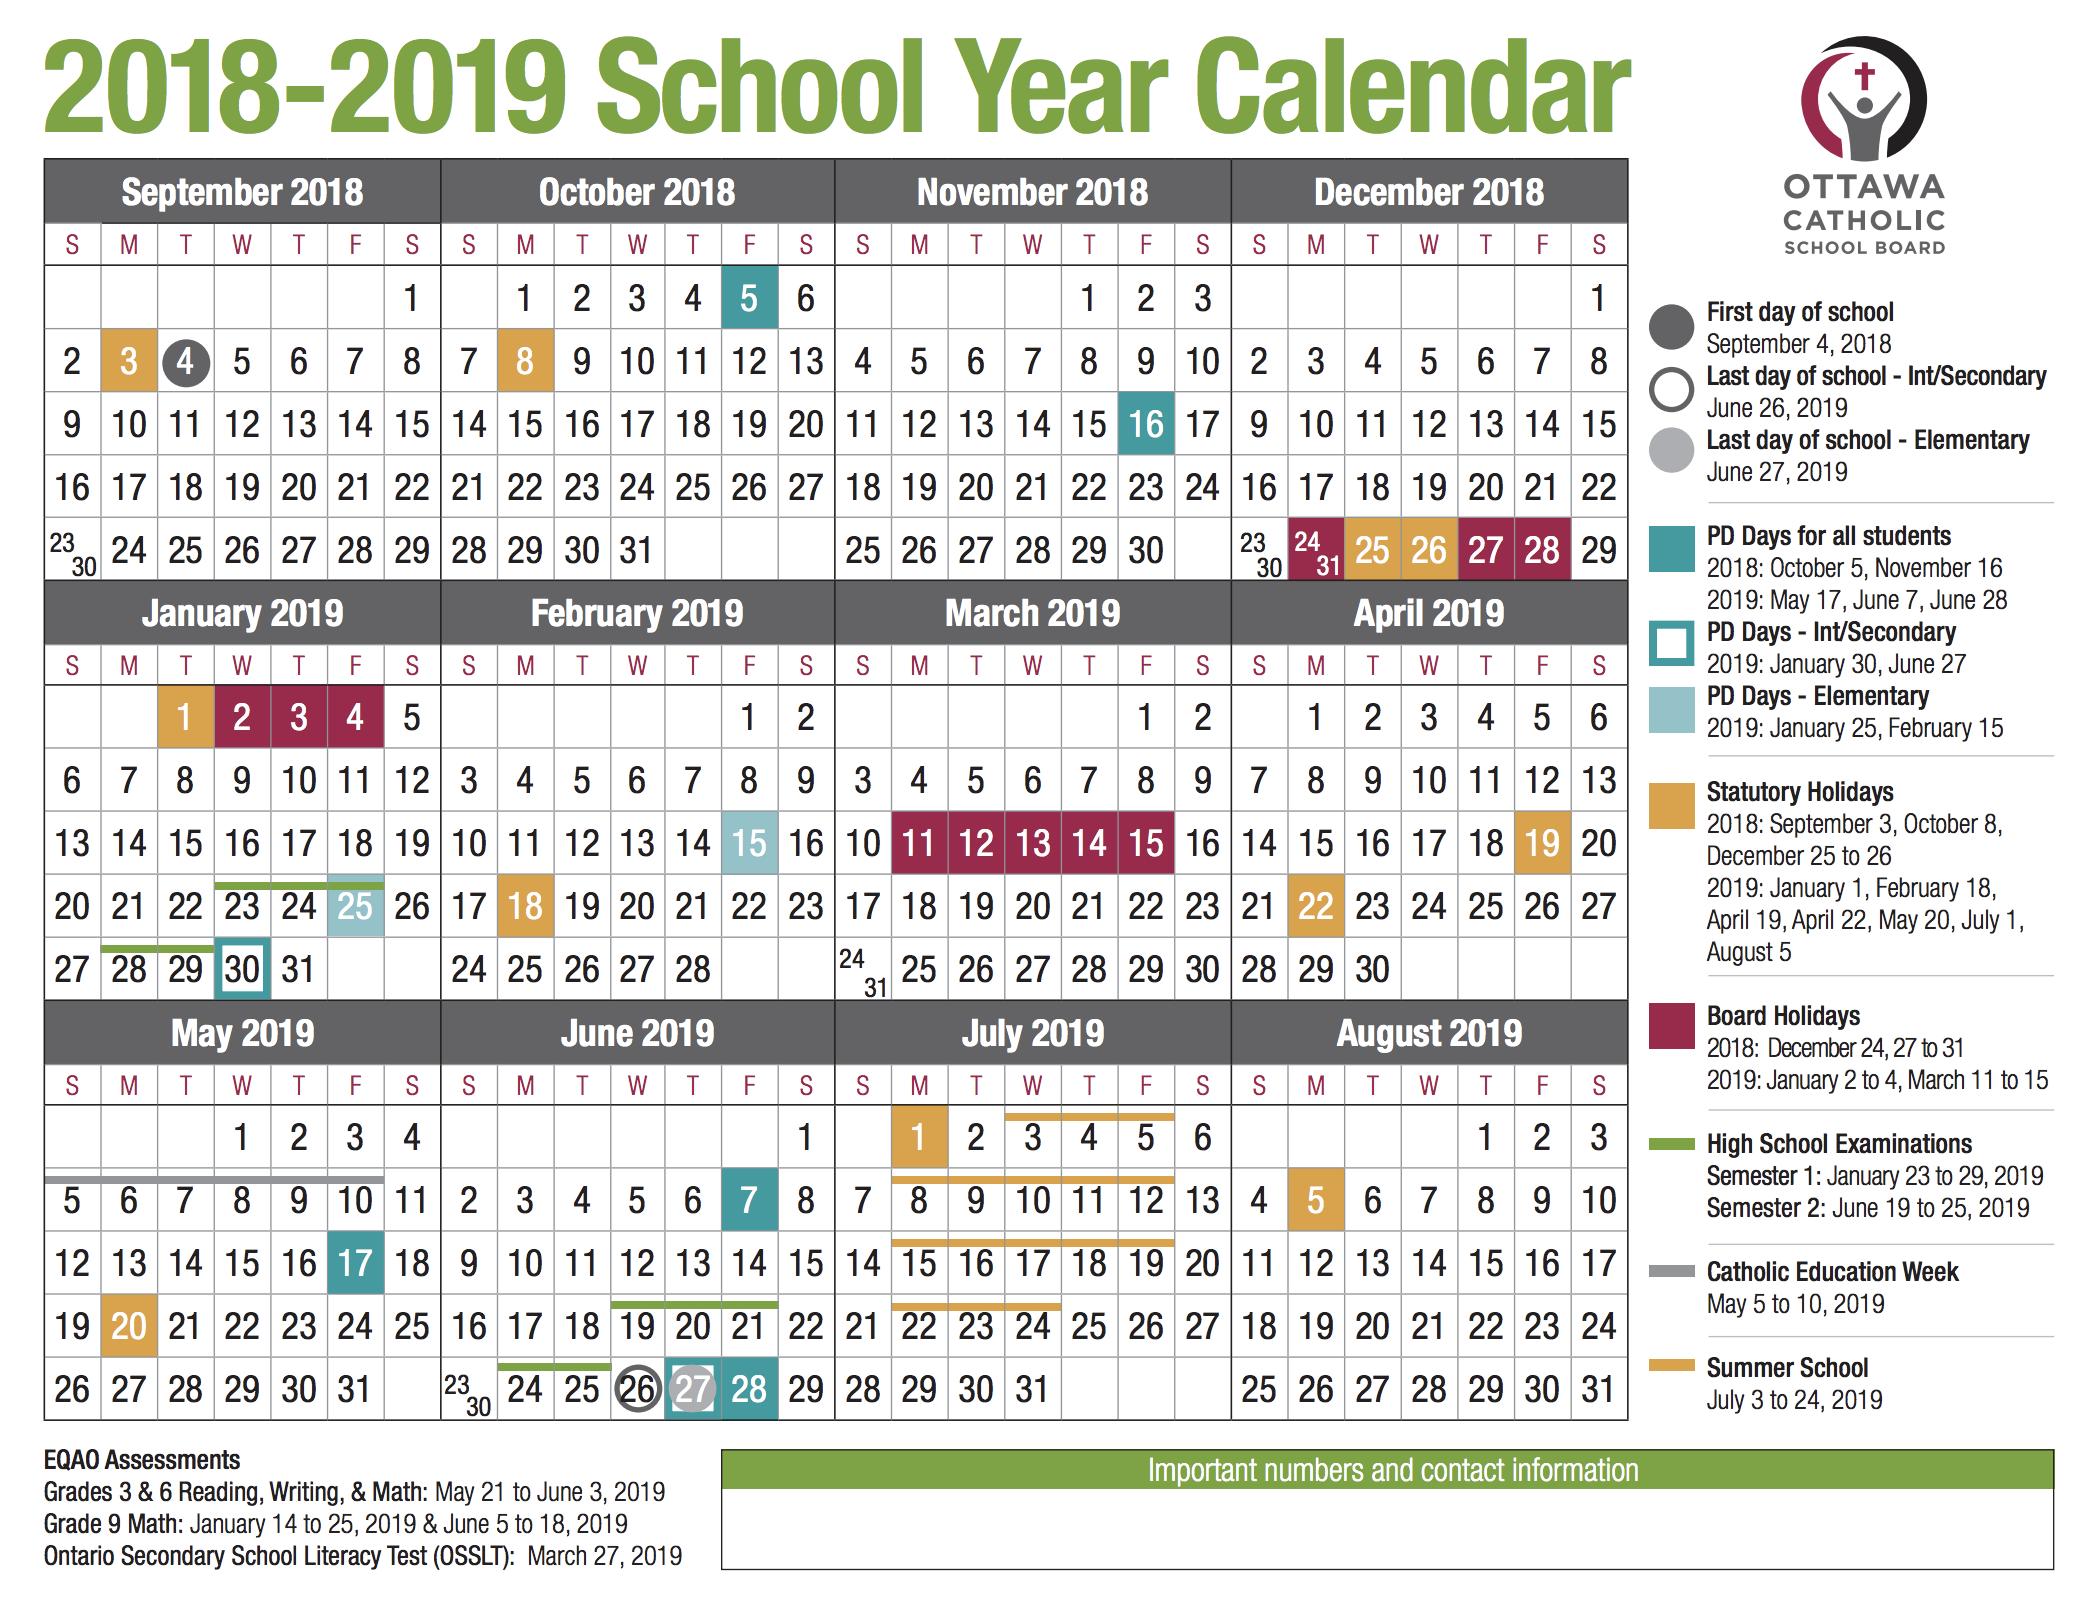 Ocsb School Year Calendar Image 2018 2019 – Ocsb With West Ottawa School Calendar